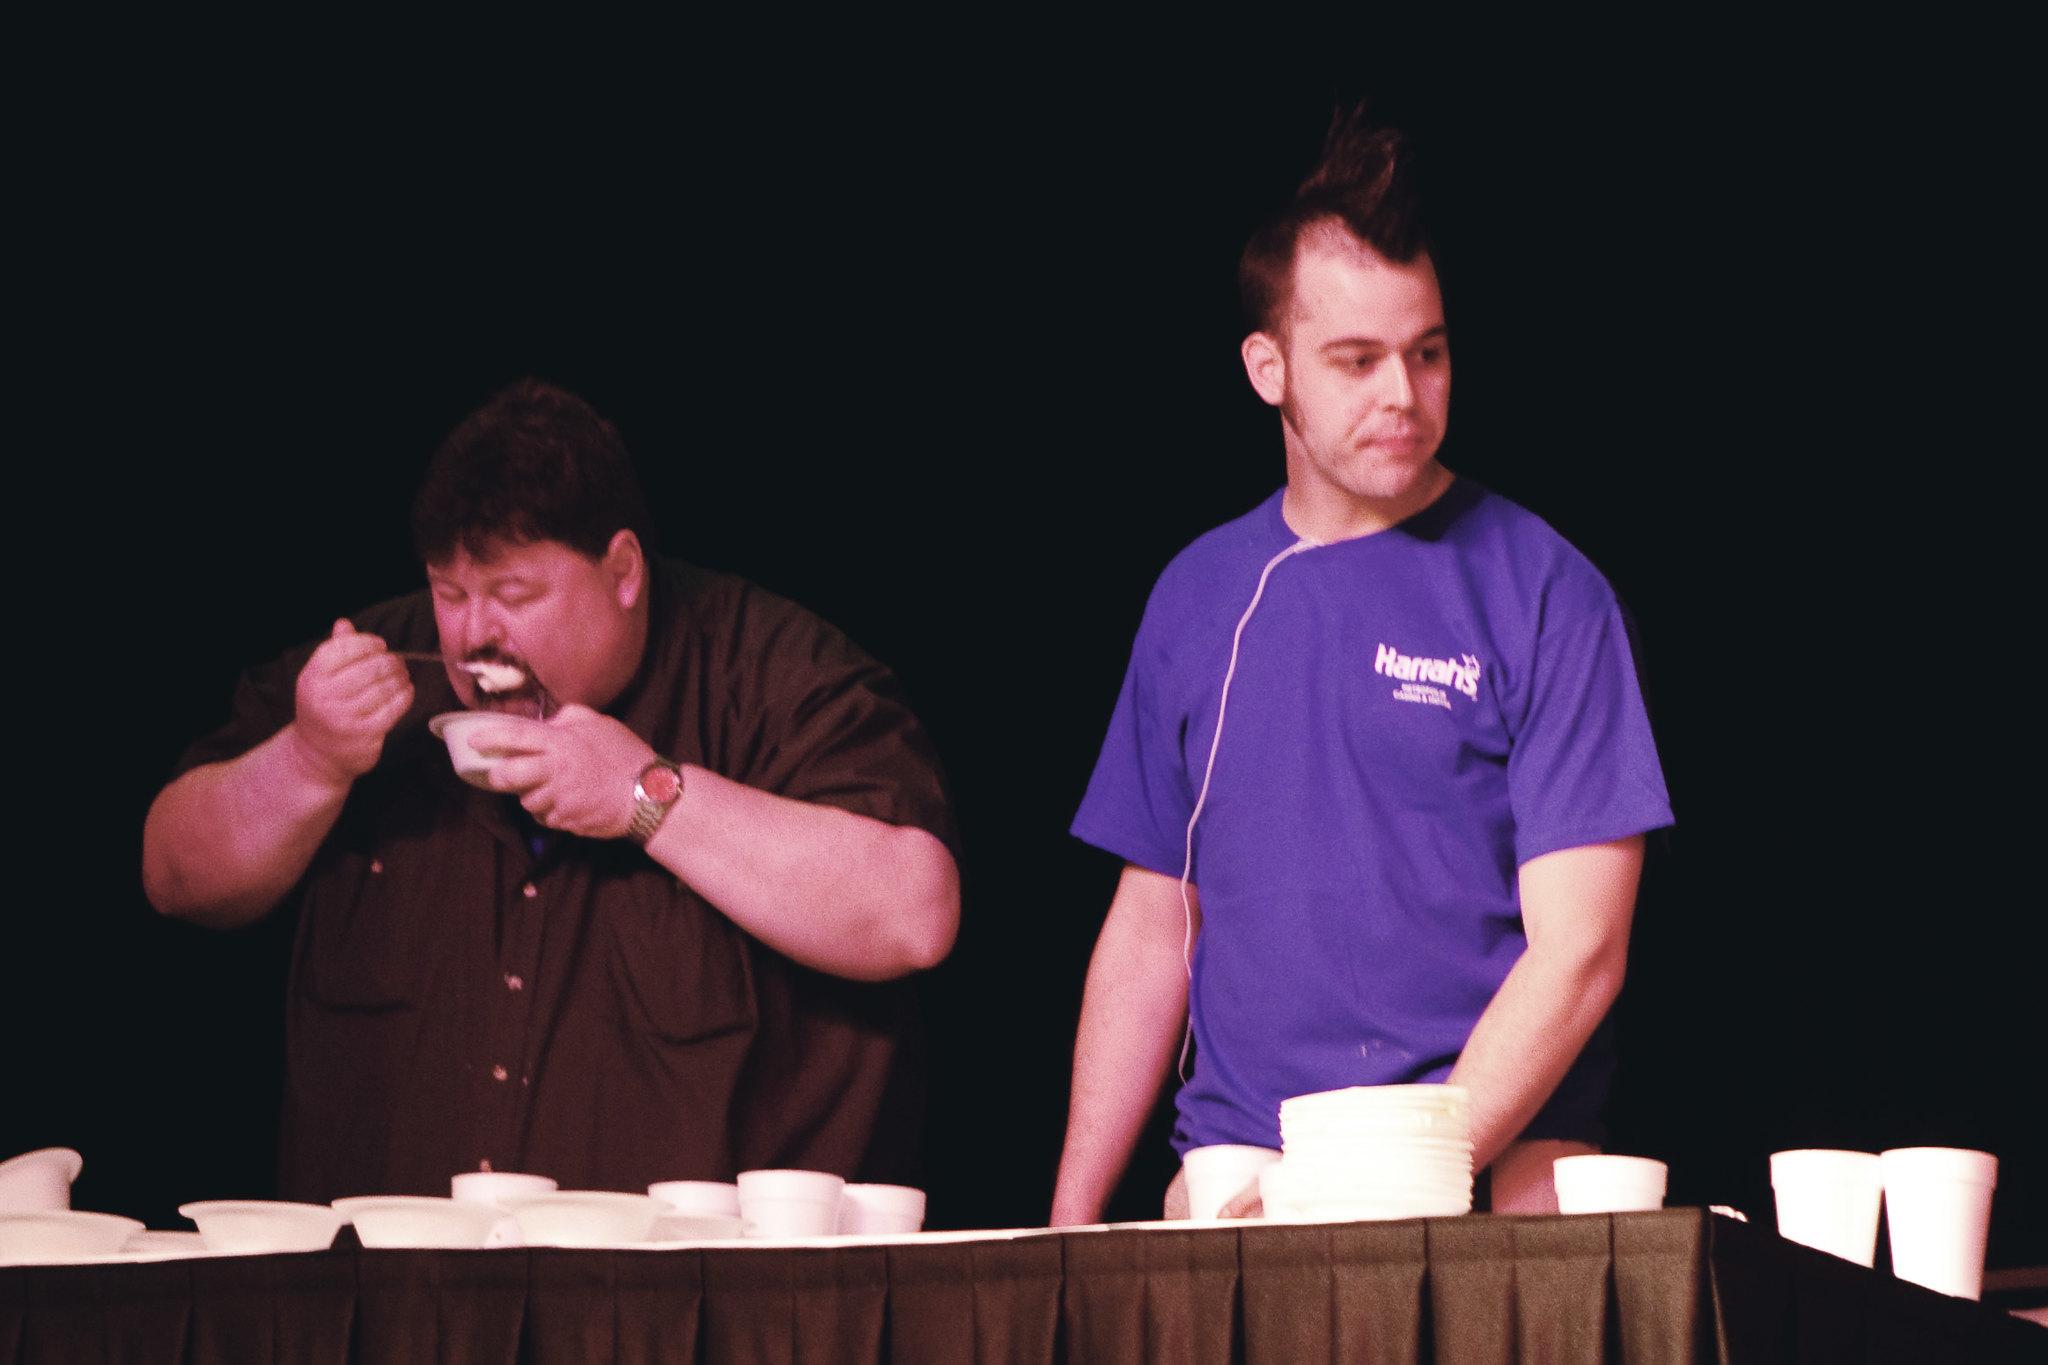 Pat Bertoletti at the Ice Cream Eating Contest at Harrah's Casino in Metropolis, Illinois.